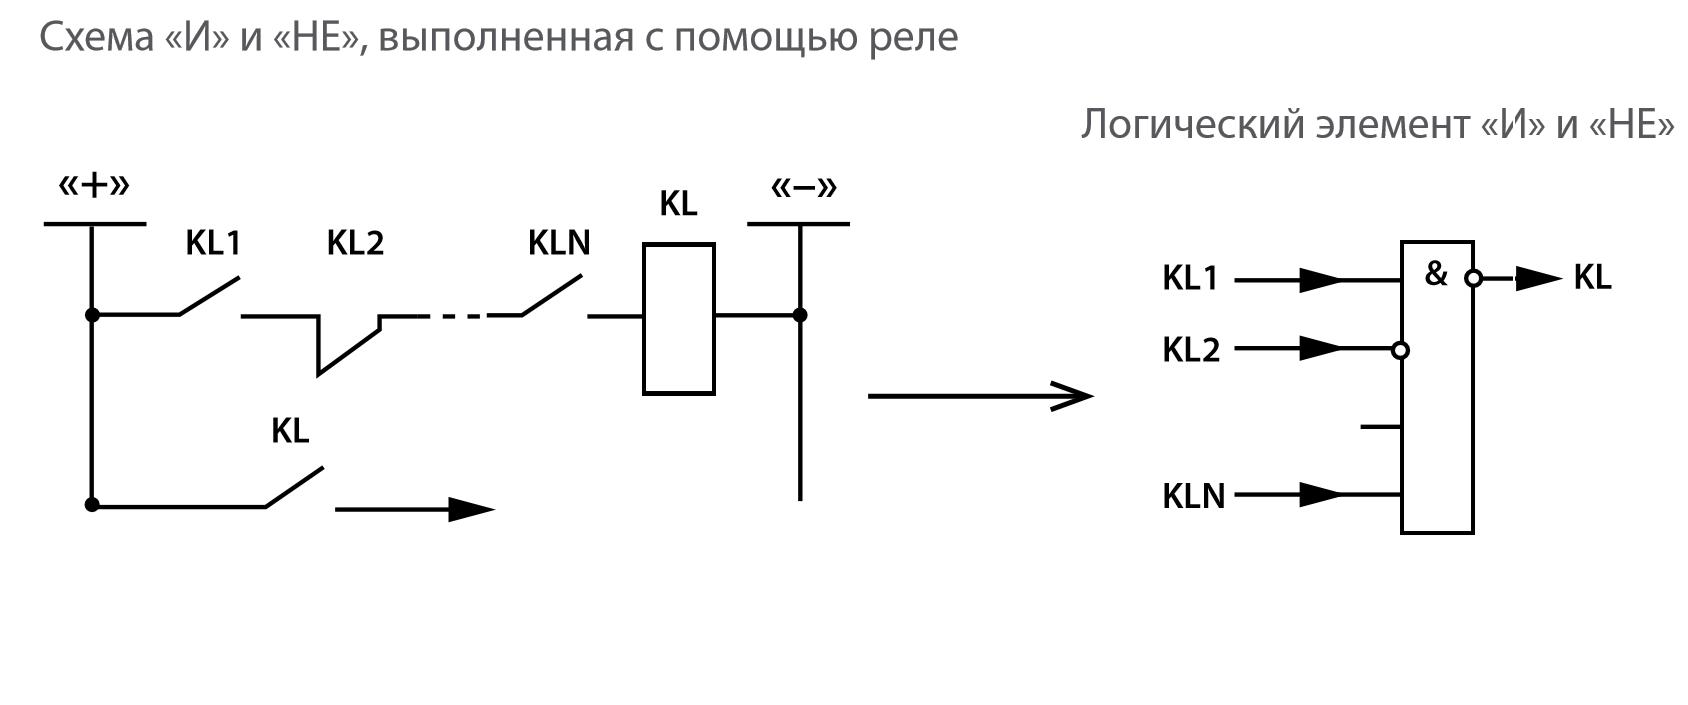 Рис. 4. Логические элементы «И» и «НЕ